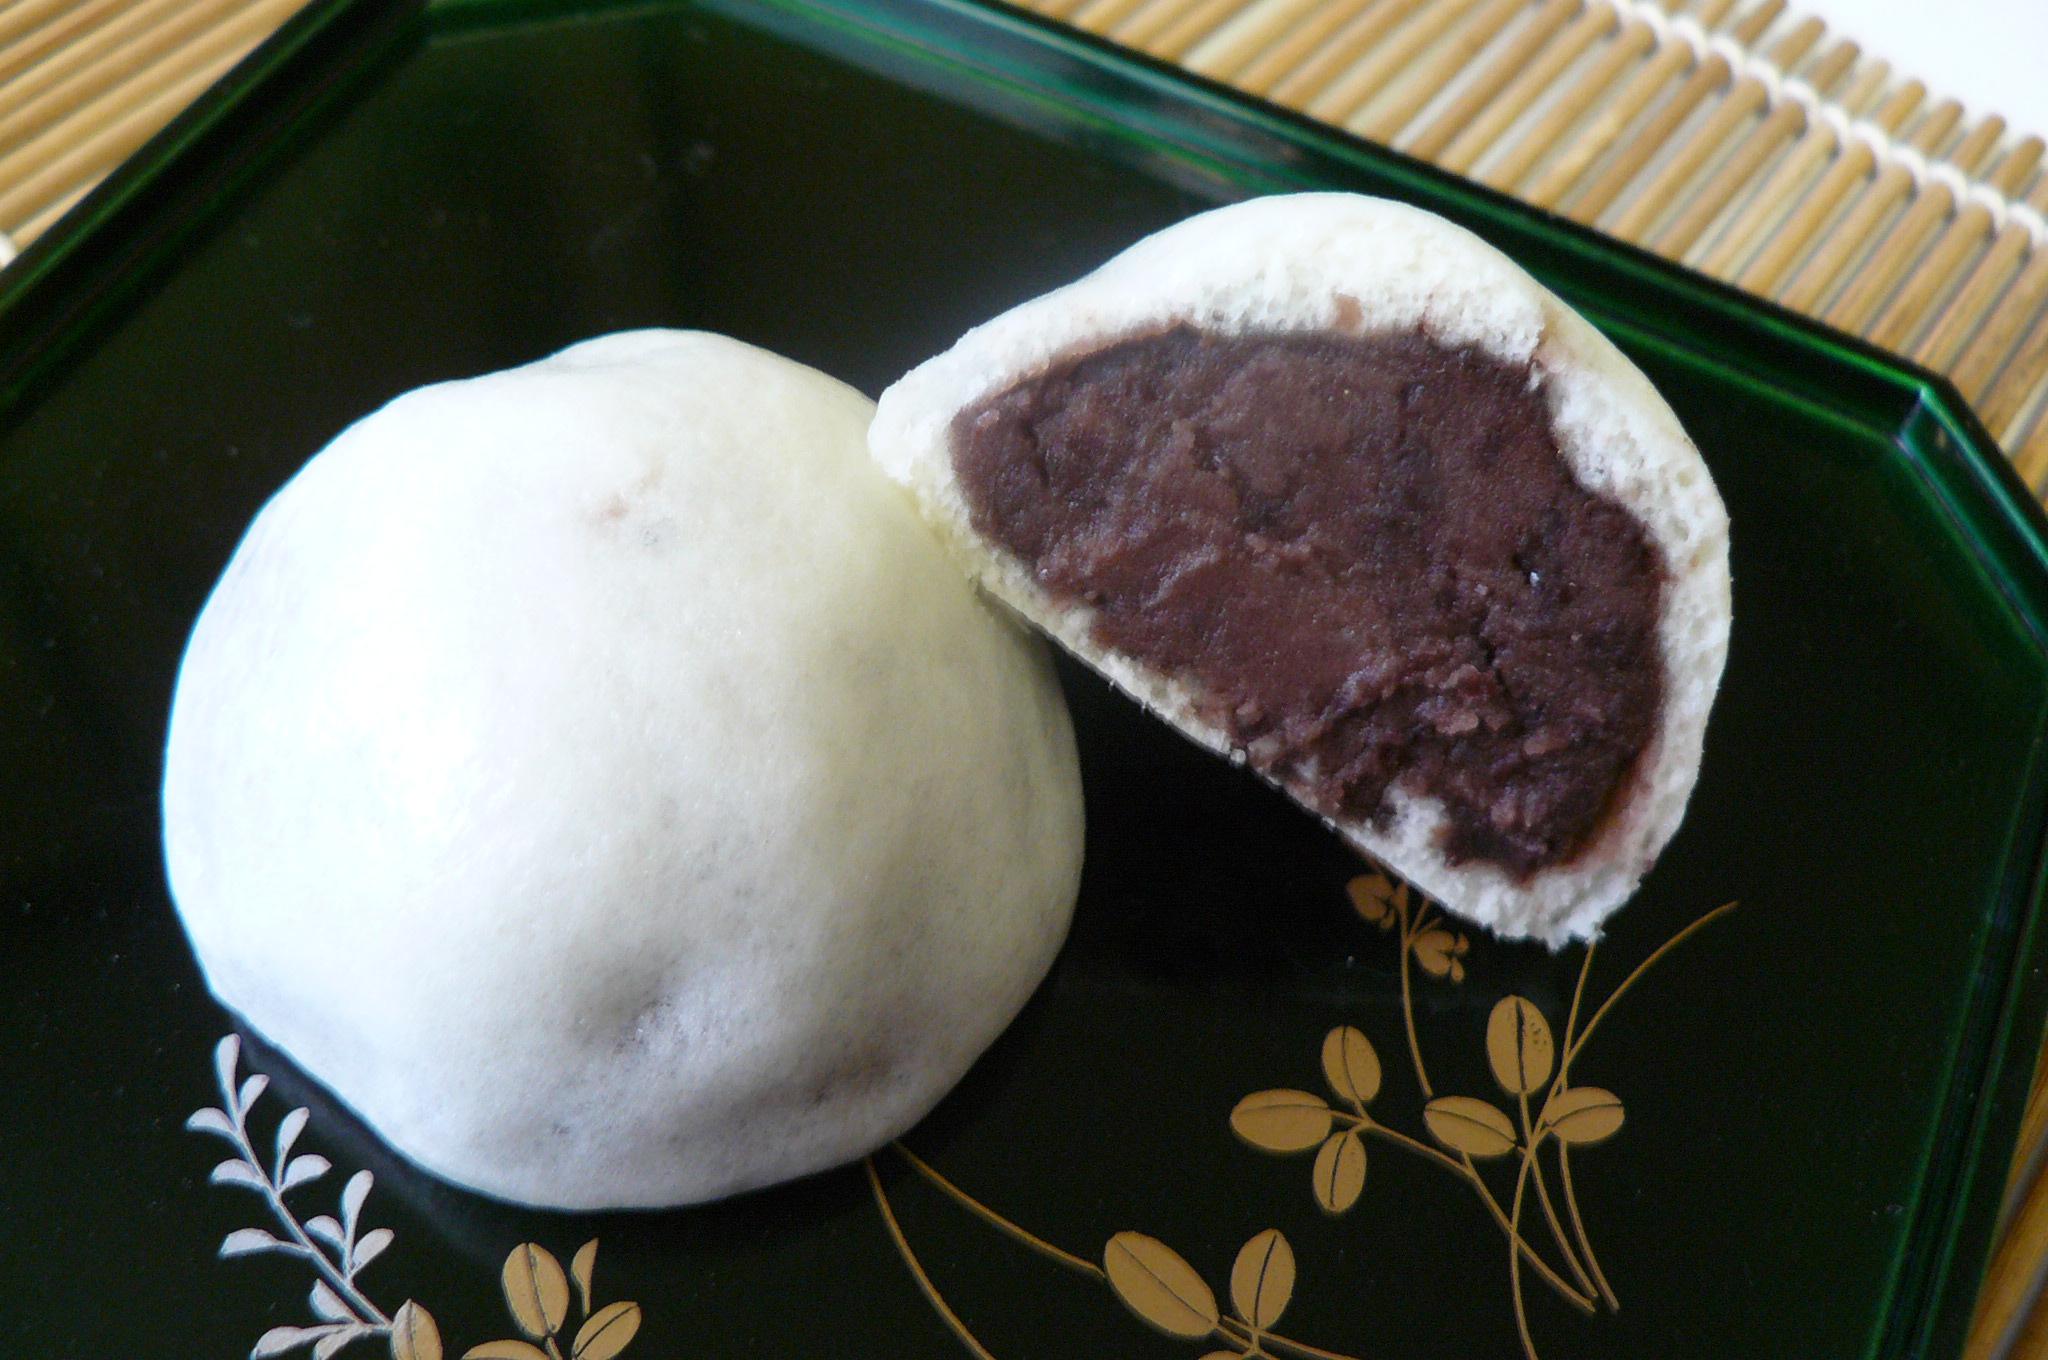 饅頭は何かと日本ではお茶請けとして食べます。カロリーはどうなの?のサムネイル画像